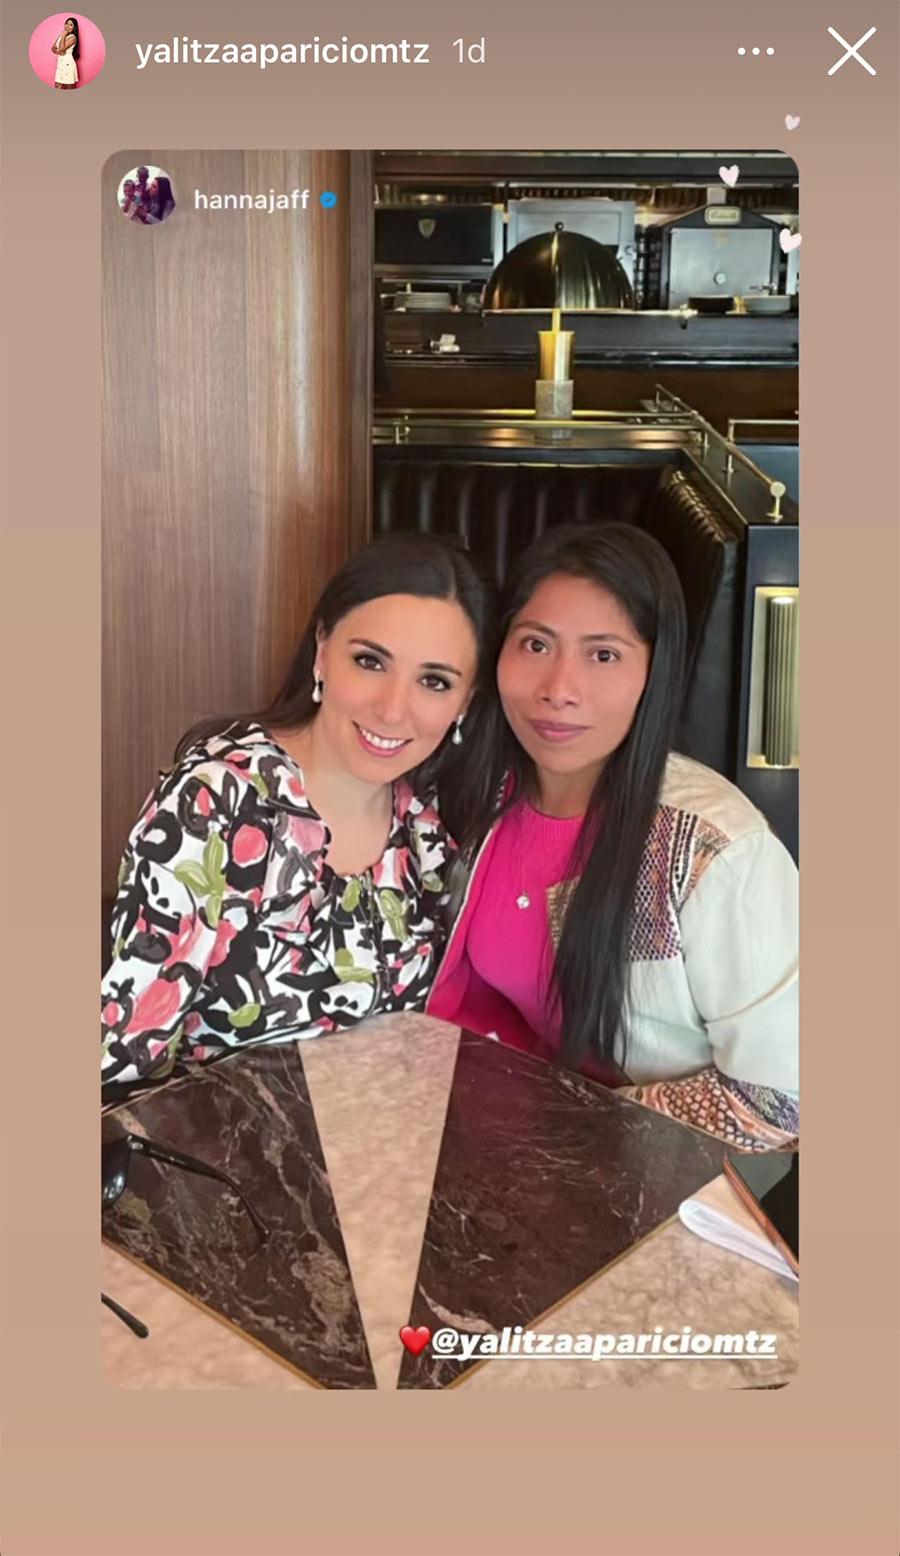 Yalitza Aparicio y su amistad con Hanna Jaff, la mexicana que fue parte de la aristocracia británica